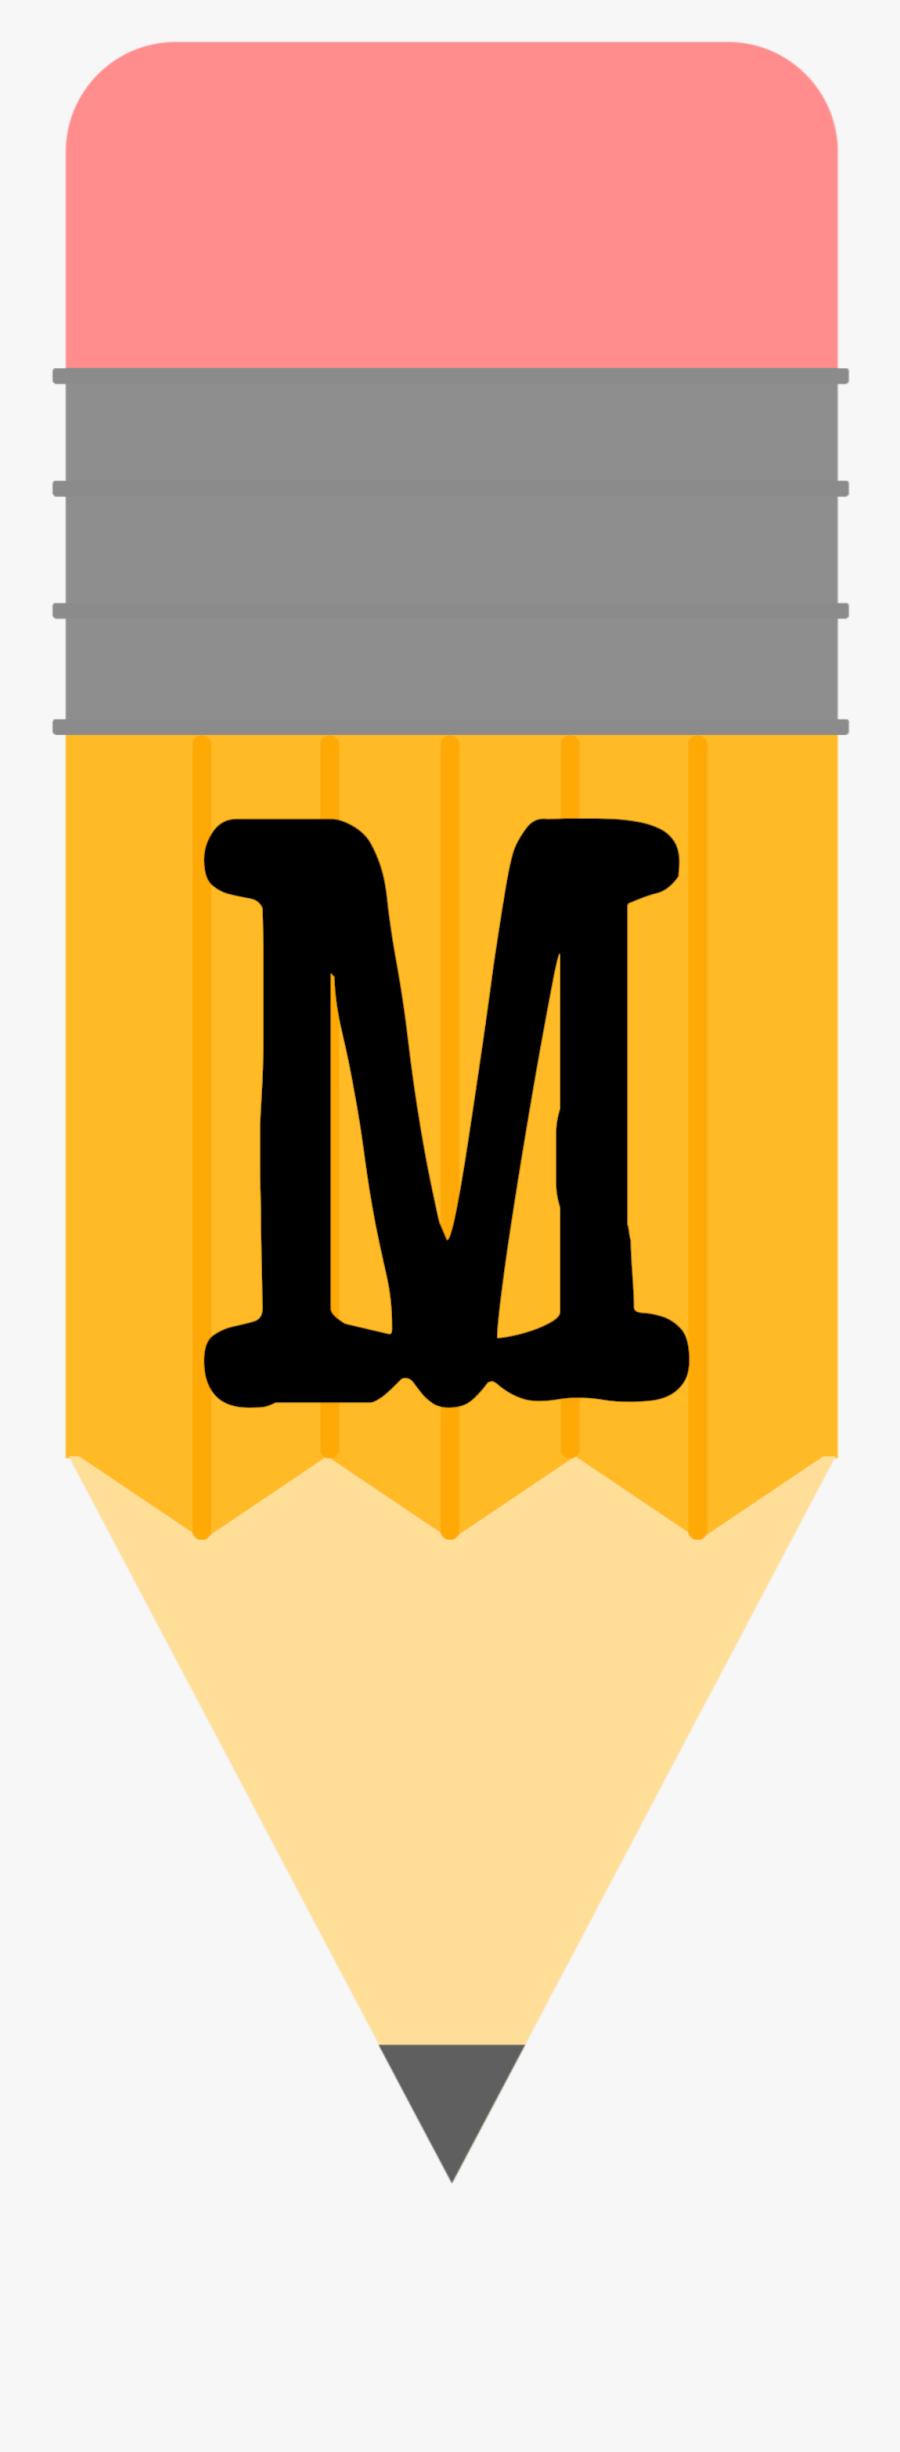 Pencil Alphabet Banner M 1,076×2,778 Píxeles - Letters Welcome Back To School Banner Pencil, Transparent Clipart